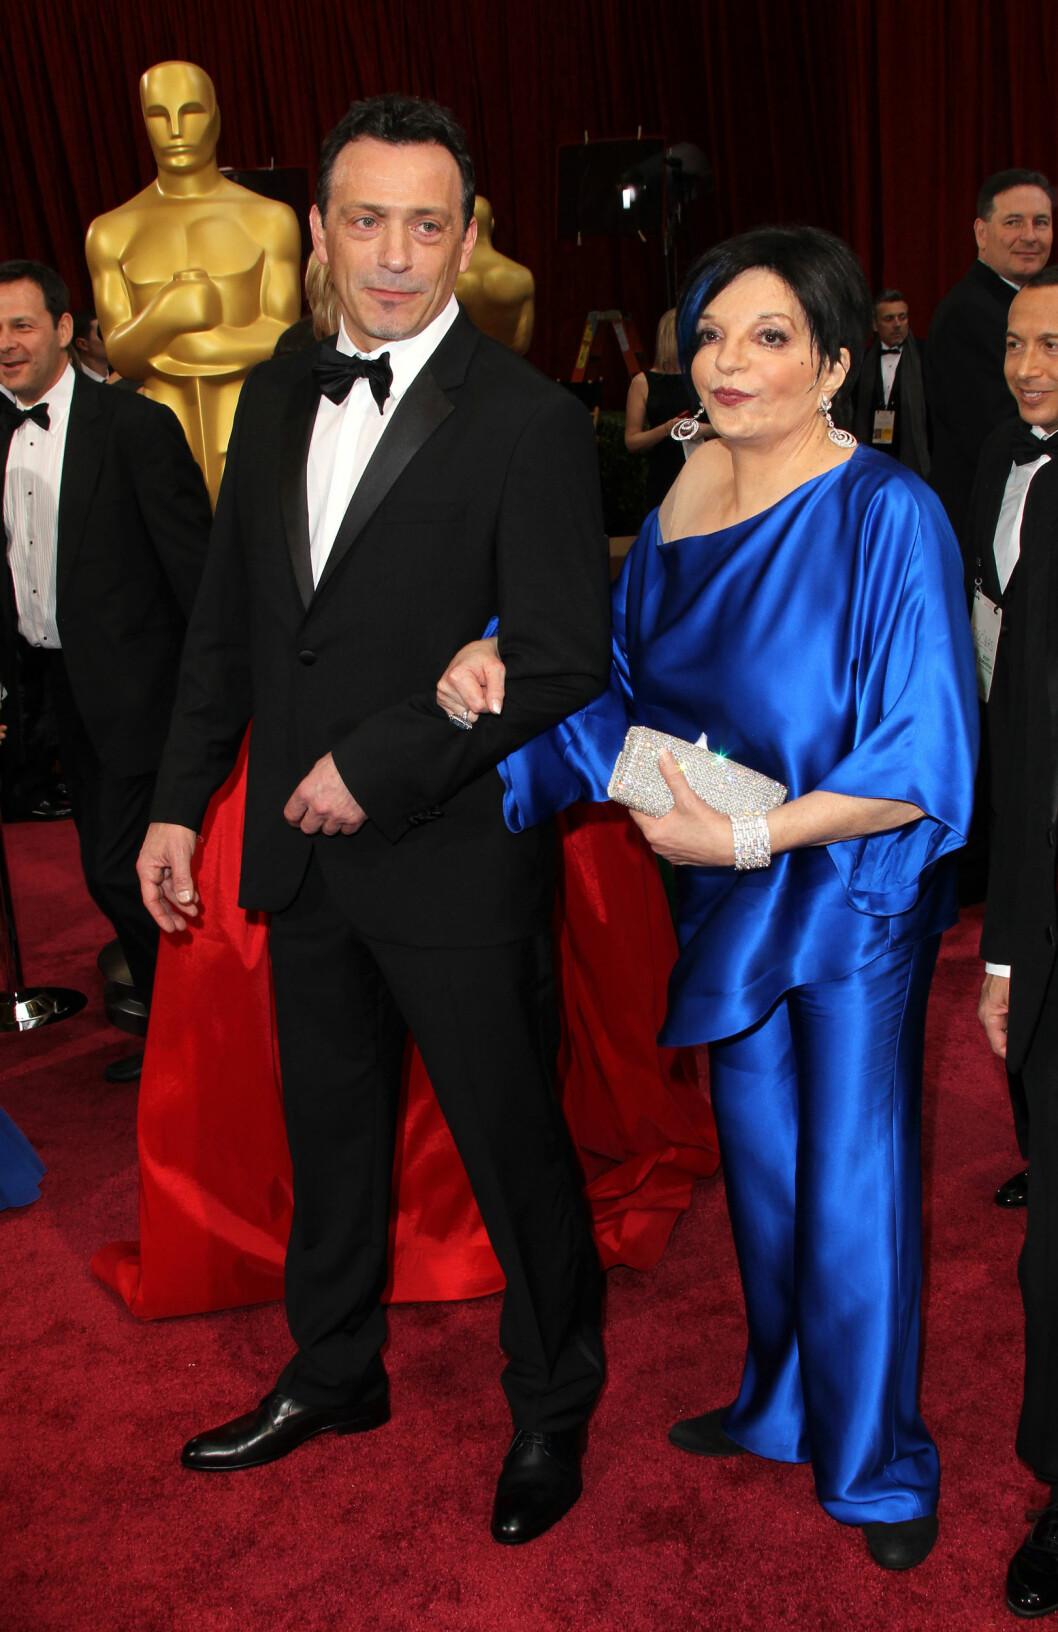 Liza Minelli hadde matchet den blå kjolen med en blå stripe i håret. Ikke helt heldig dette heller.  Foto: Jen Lowery / Splash News/ All Over Press